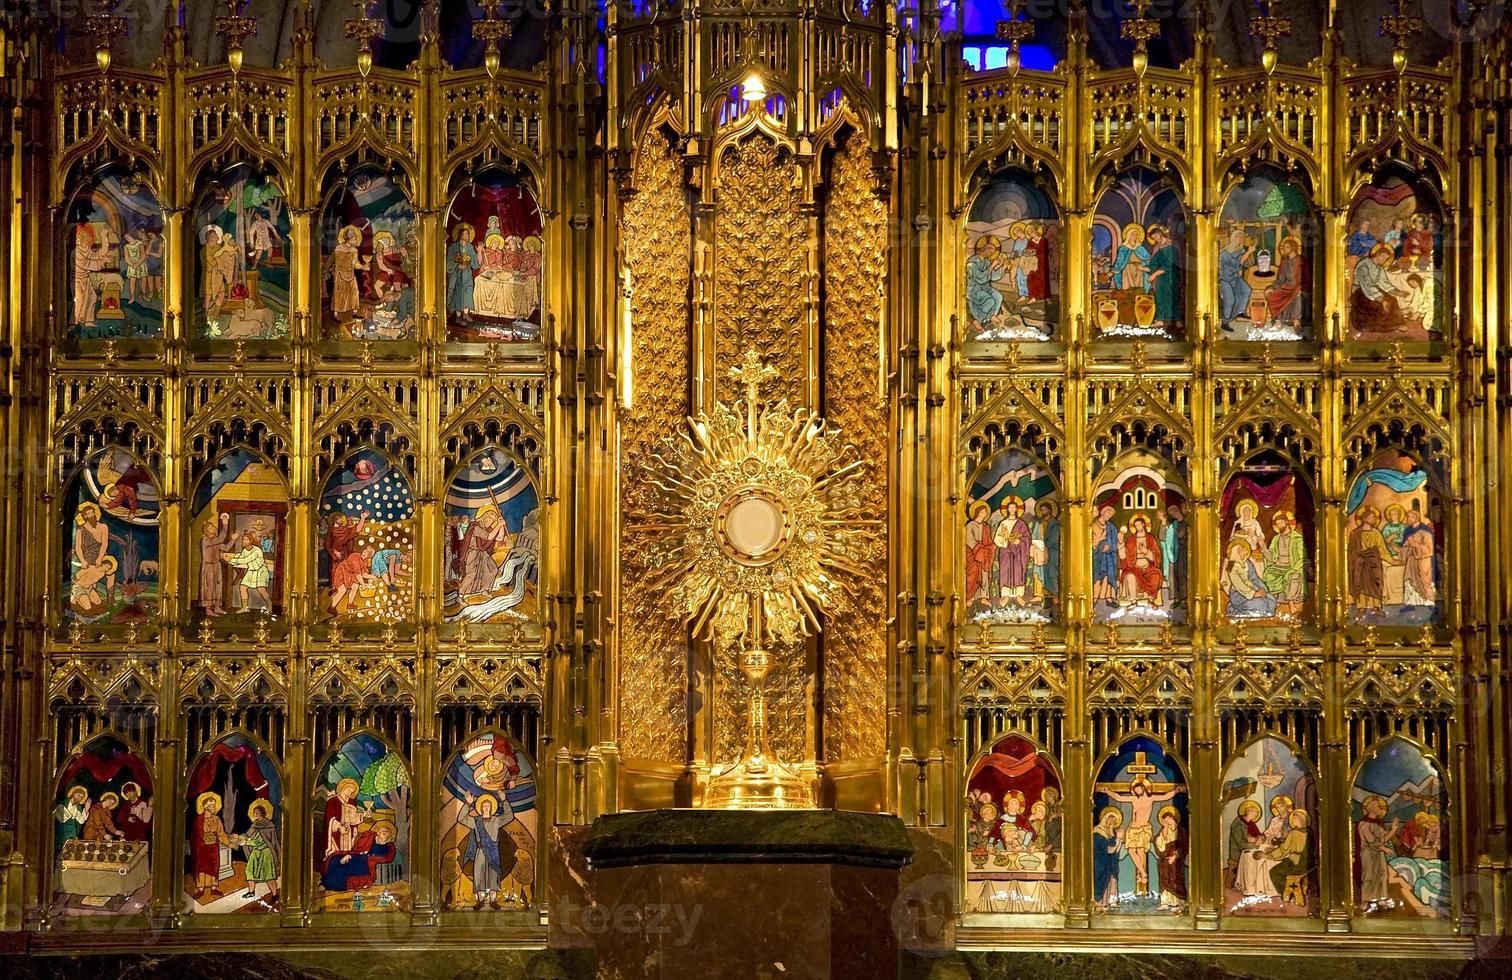 gyllene altaret på nära håll templet för försoning guadalajara foto